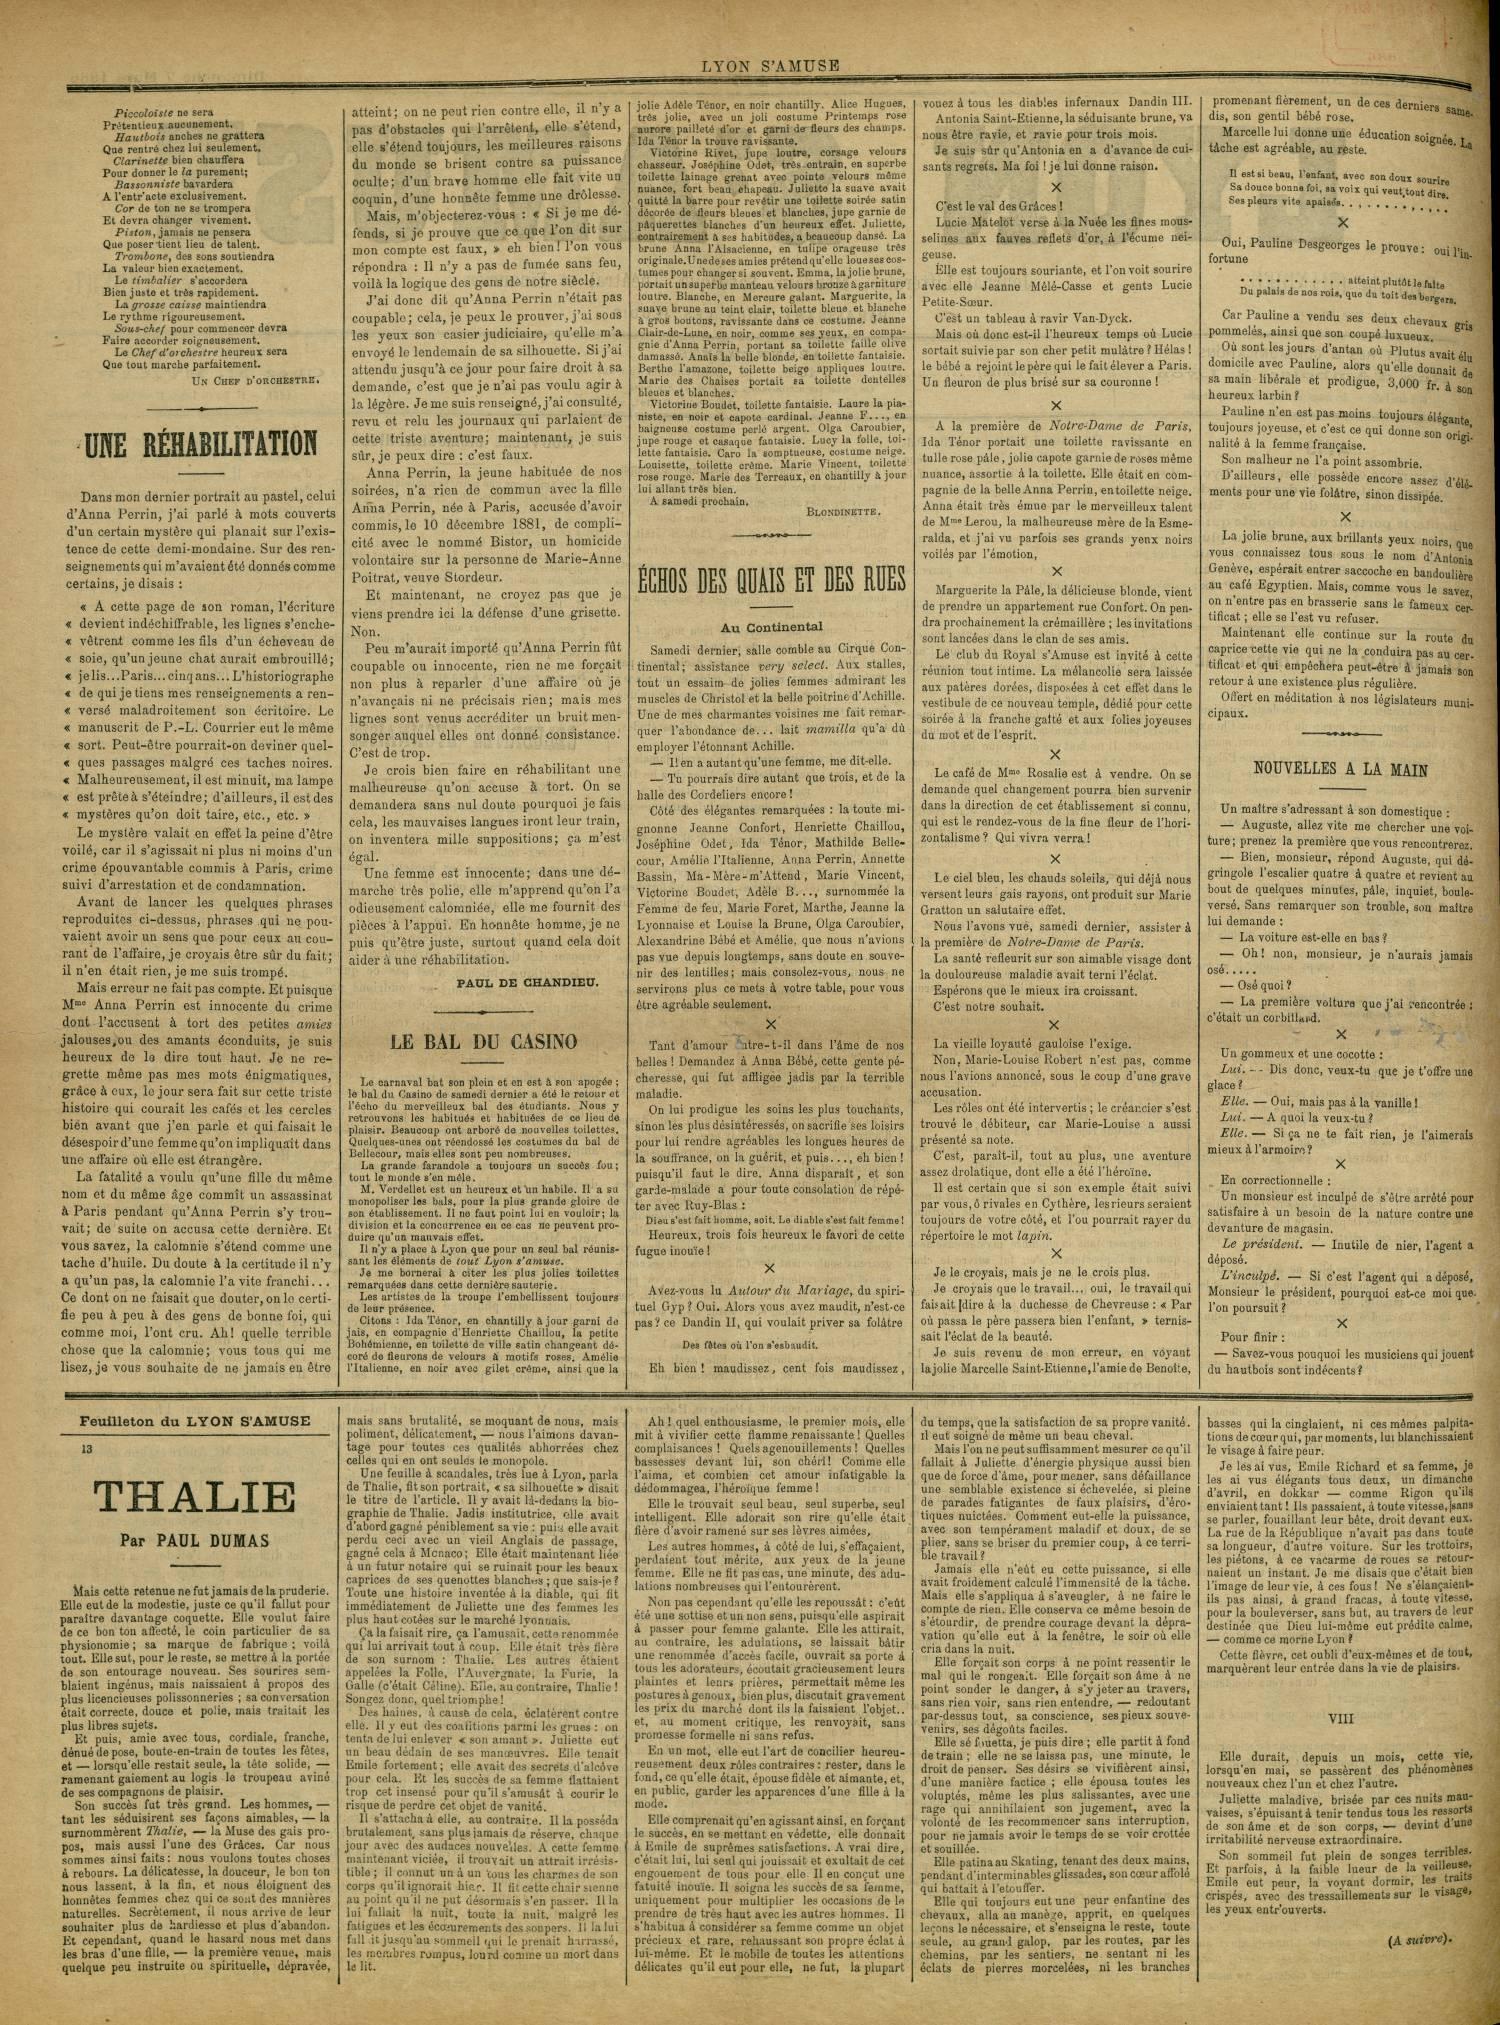 Contenu textuel de l'image : LE BAL DU CASINO